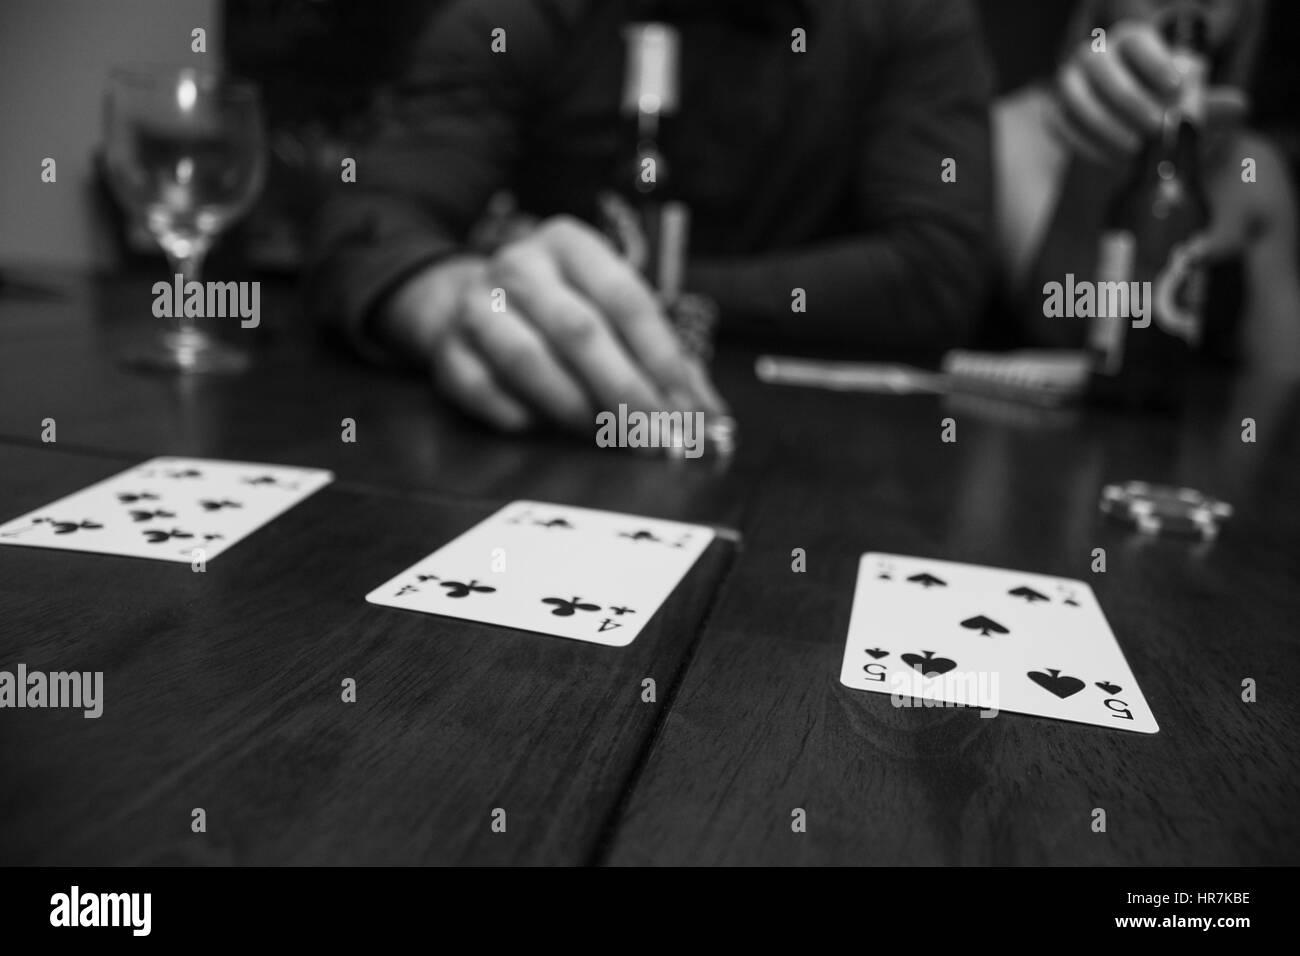 man playing card - Stock Image